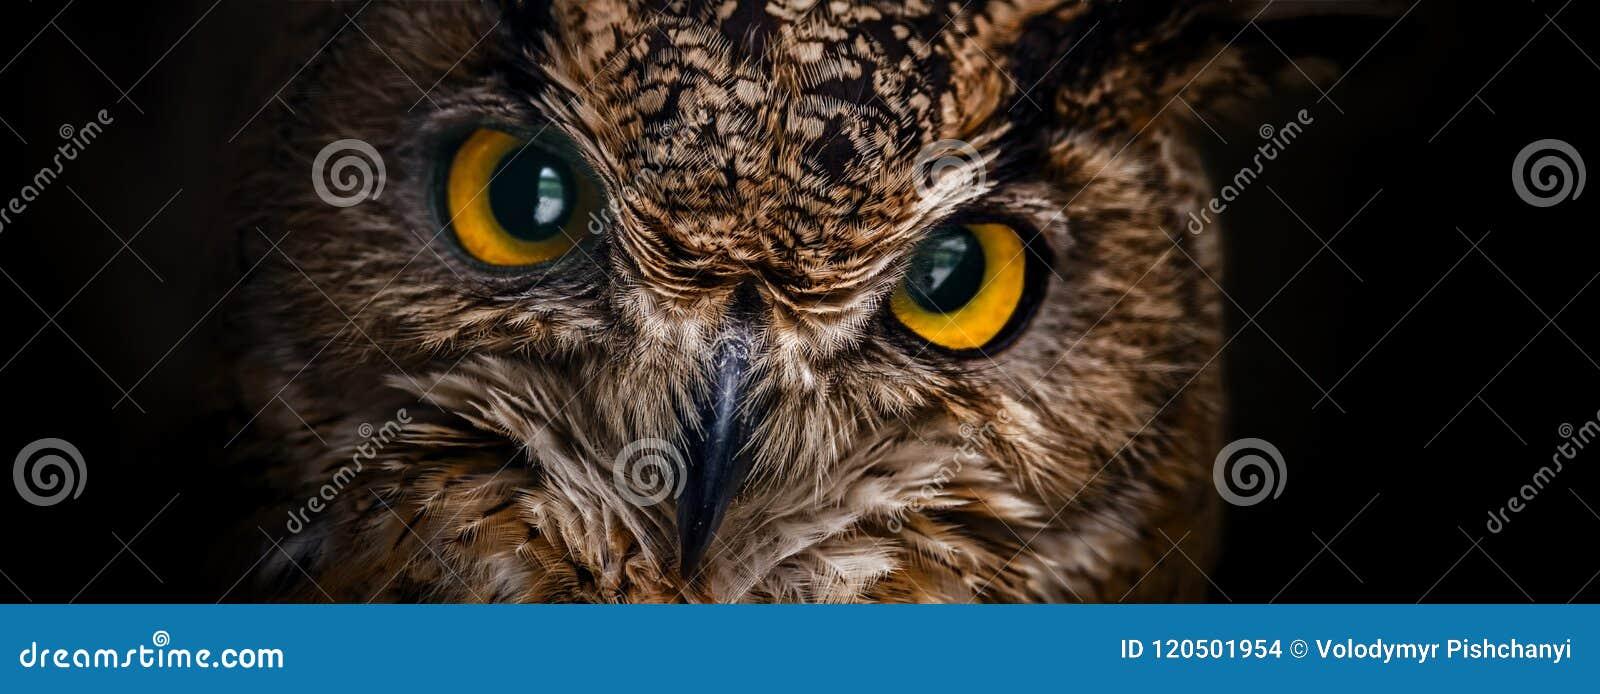 De gele ogen van gehoornde uil sluiten omhoog op een donkere achtergrond